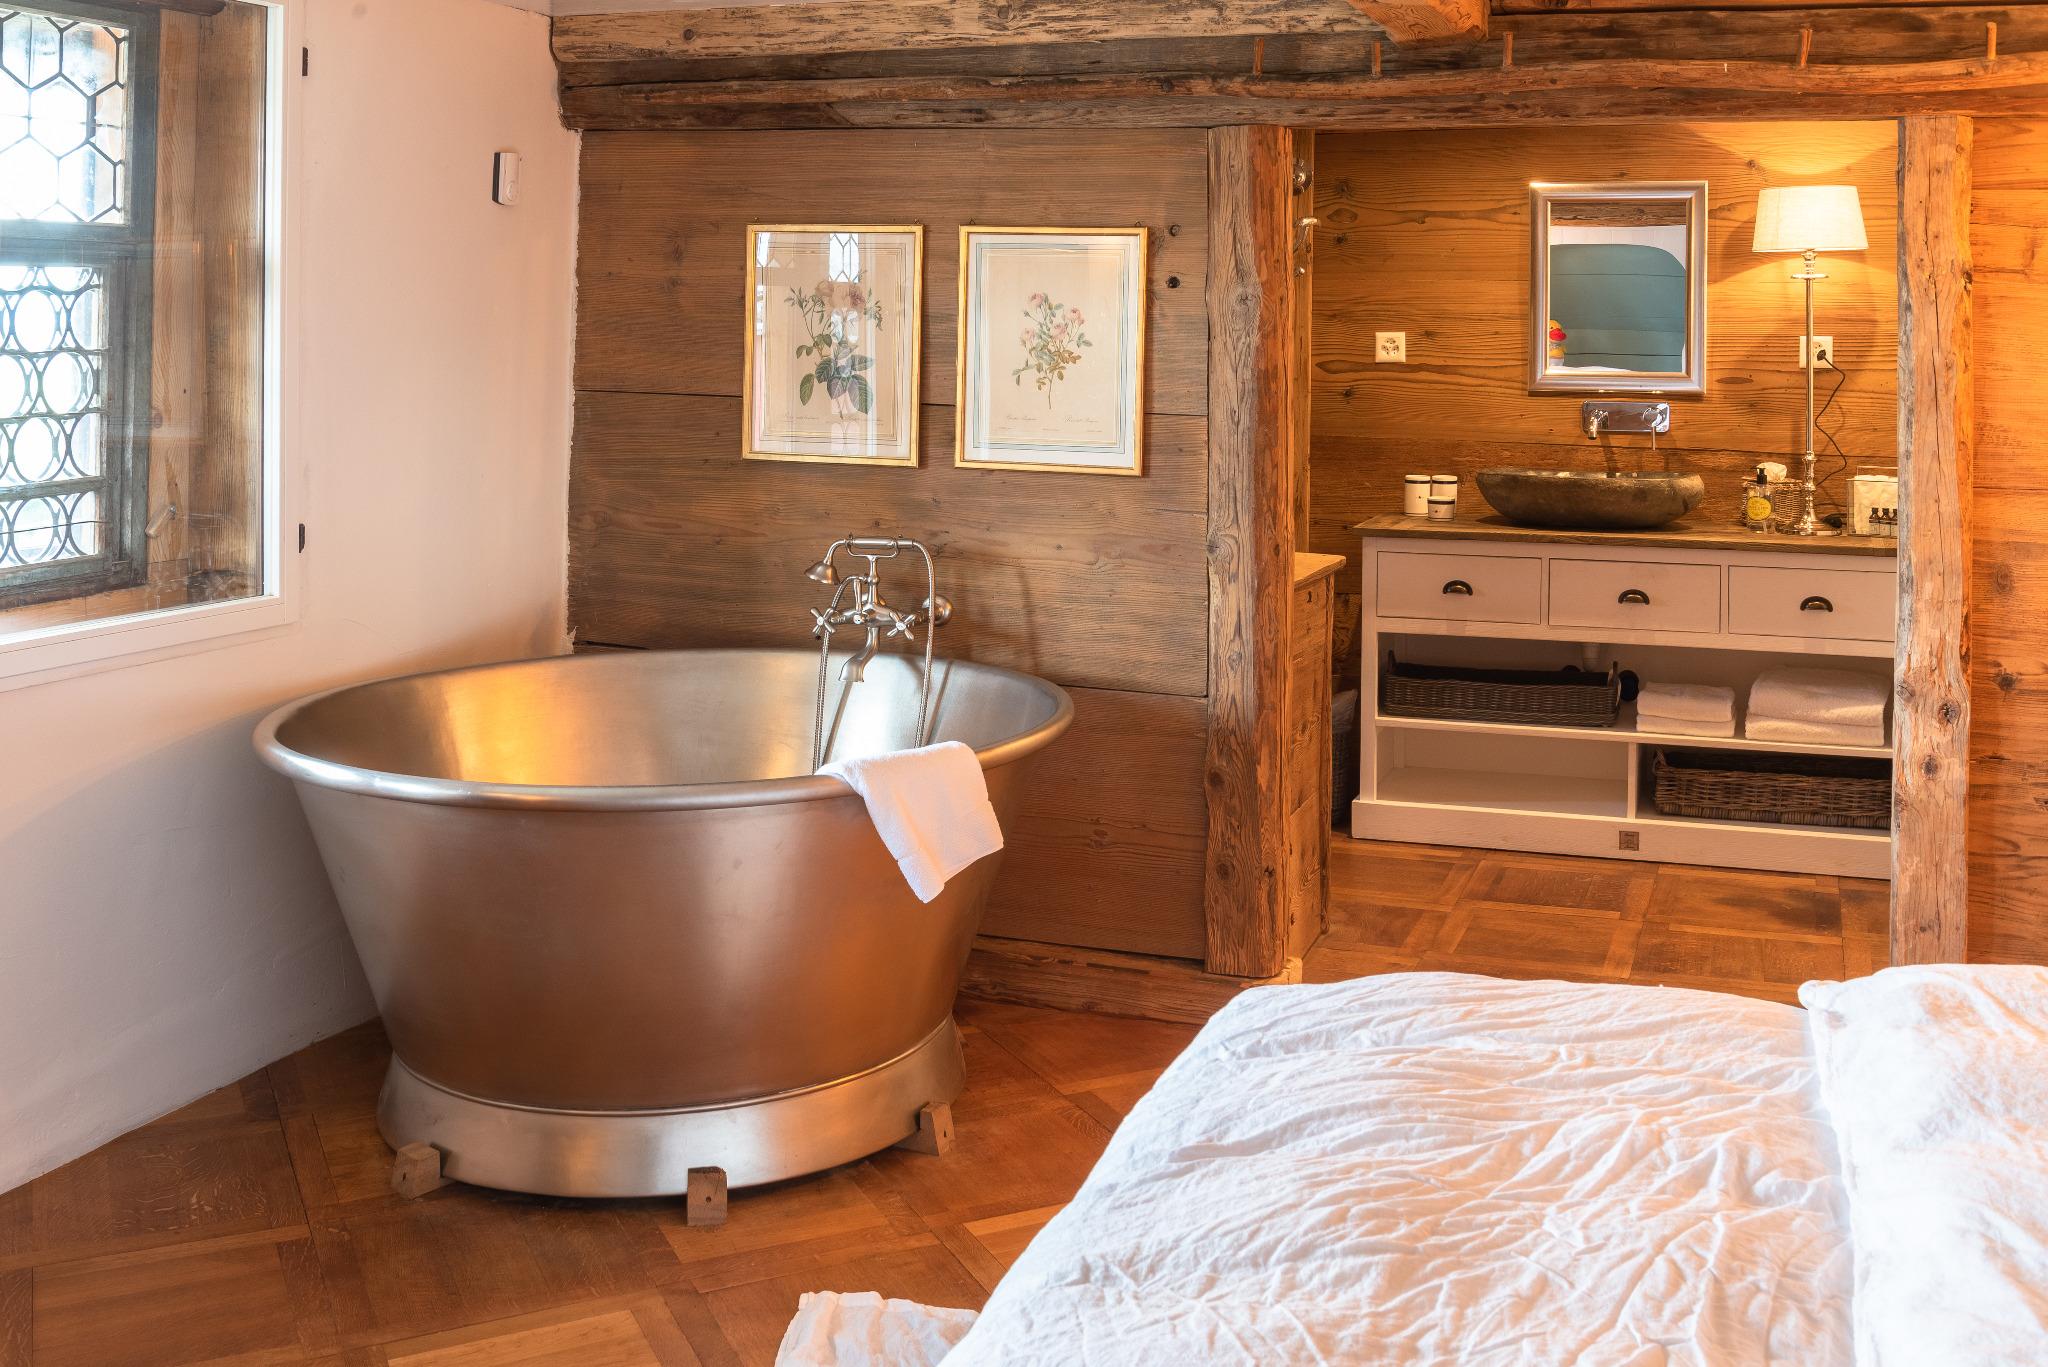 Keiserskammer-Bettwil-Freiamt-Bedandbreakfast-Zimmer-Übernachtung-Badewanne-Familienzimmer-Kinderbetten-Alkove-Dusche